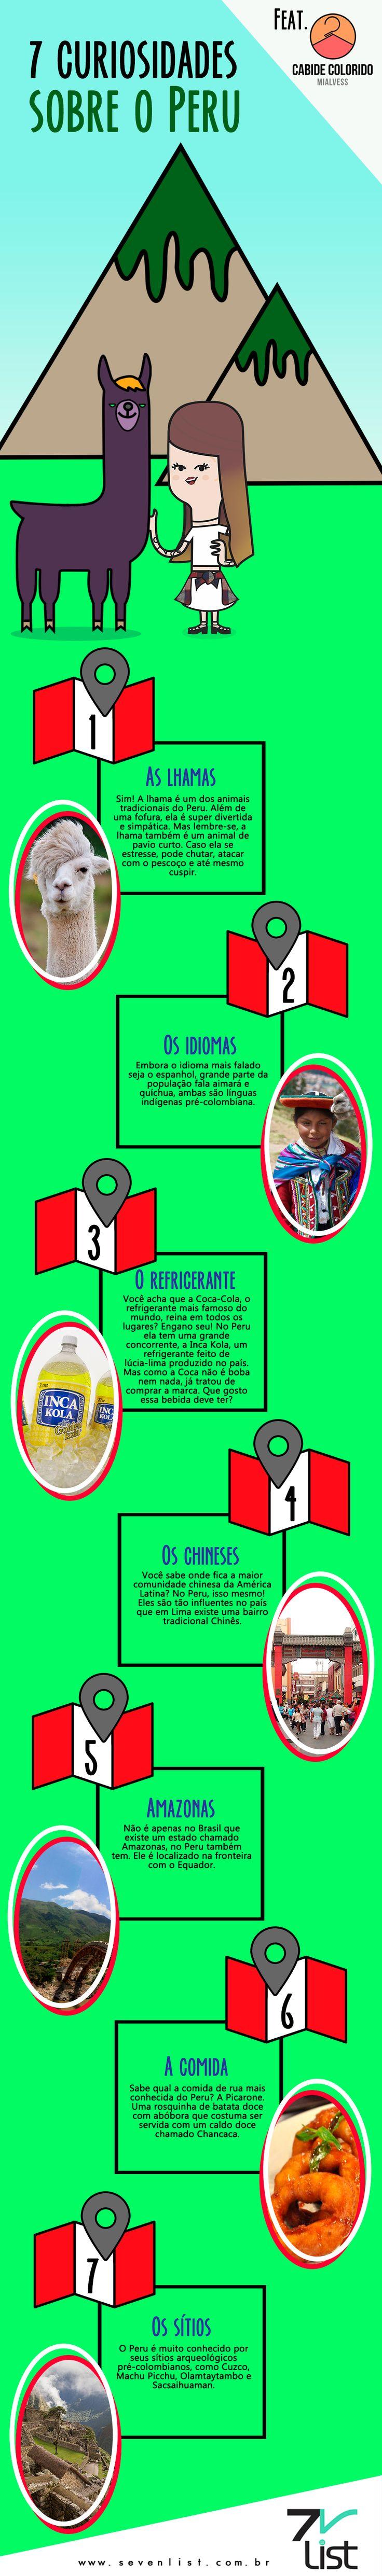 O Peru é um país da América Latina que se localiza no hemisfério sul ocidental. Banhado pelo oceano pacífico a oeste, ele está em fronteira com o Chile, Brasil, Bolívia, Equador e Colômbia. Ele é um país incrível, cheio de cultura e curisiosidades super interessantes. #SevenList #CabideColorido #Peru #AMericaLatina #Trip #Travel #Curiosidades